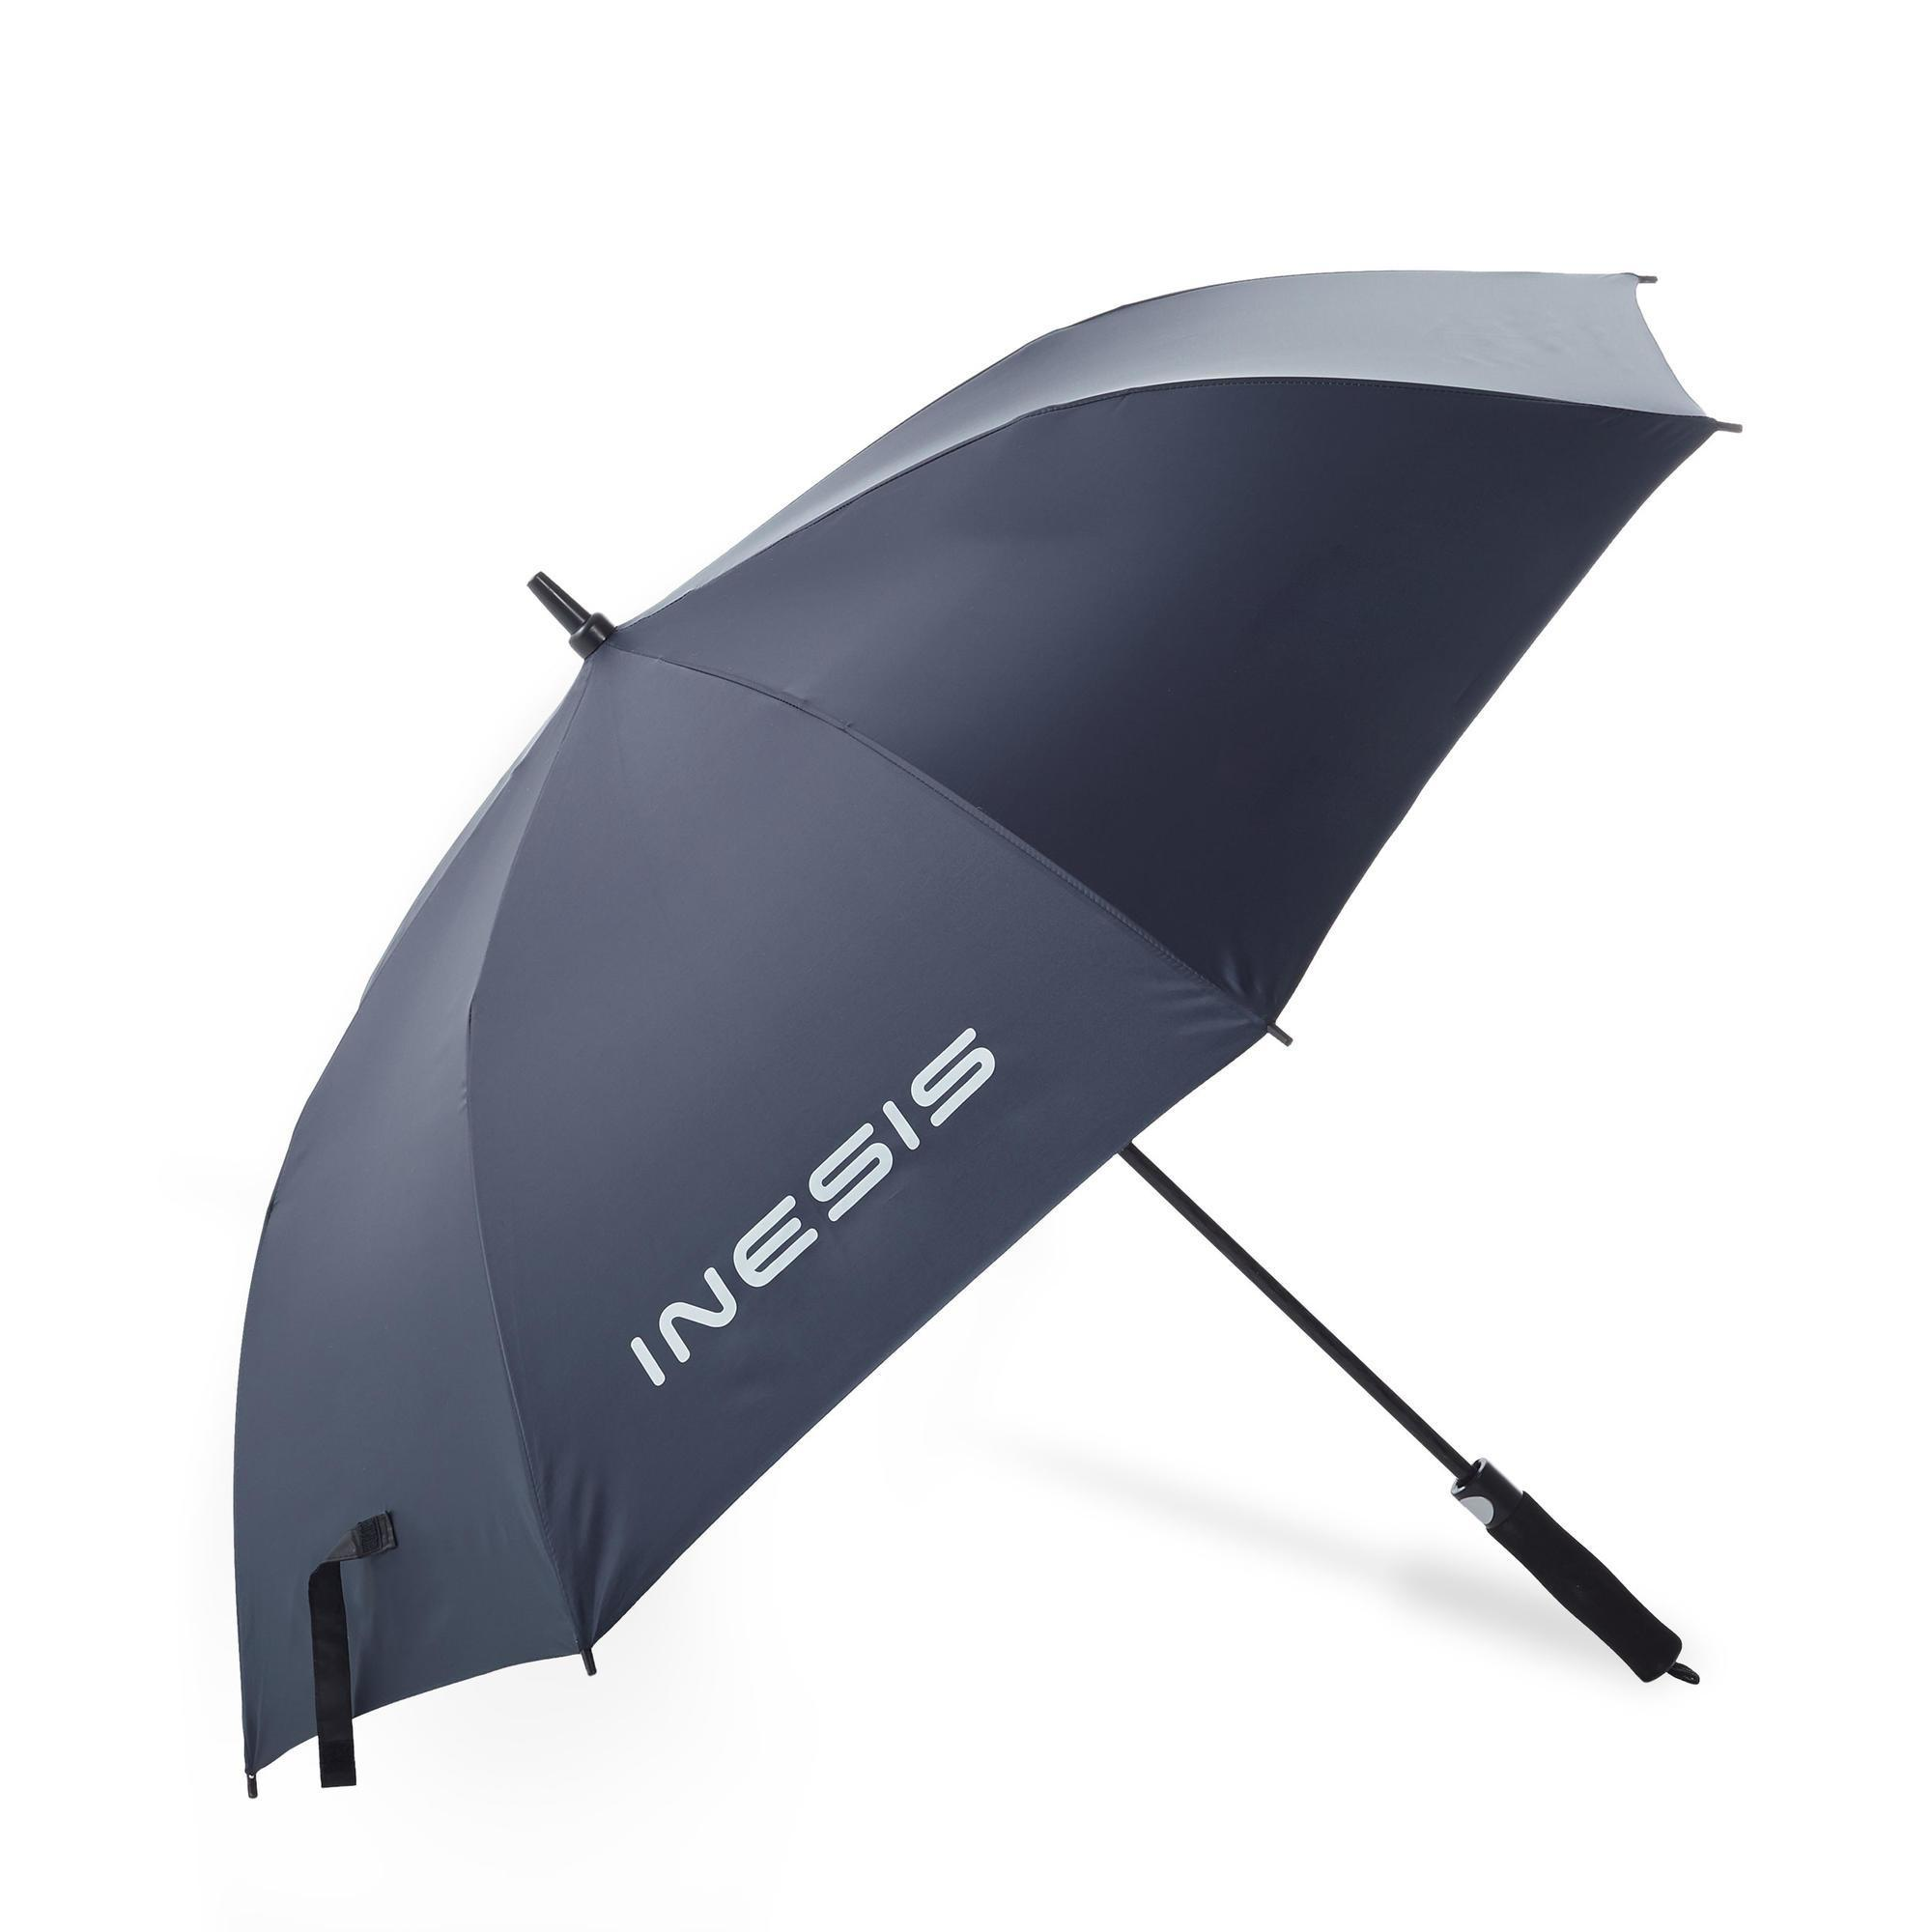 Golf Regenschirm ProFilter Medium dunkelblau | Accessoires > Regenschirme | Inesis